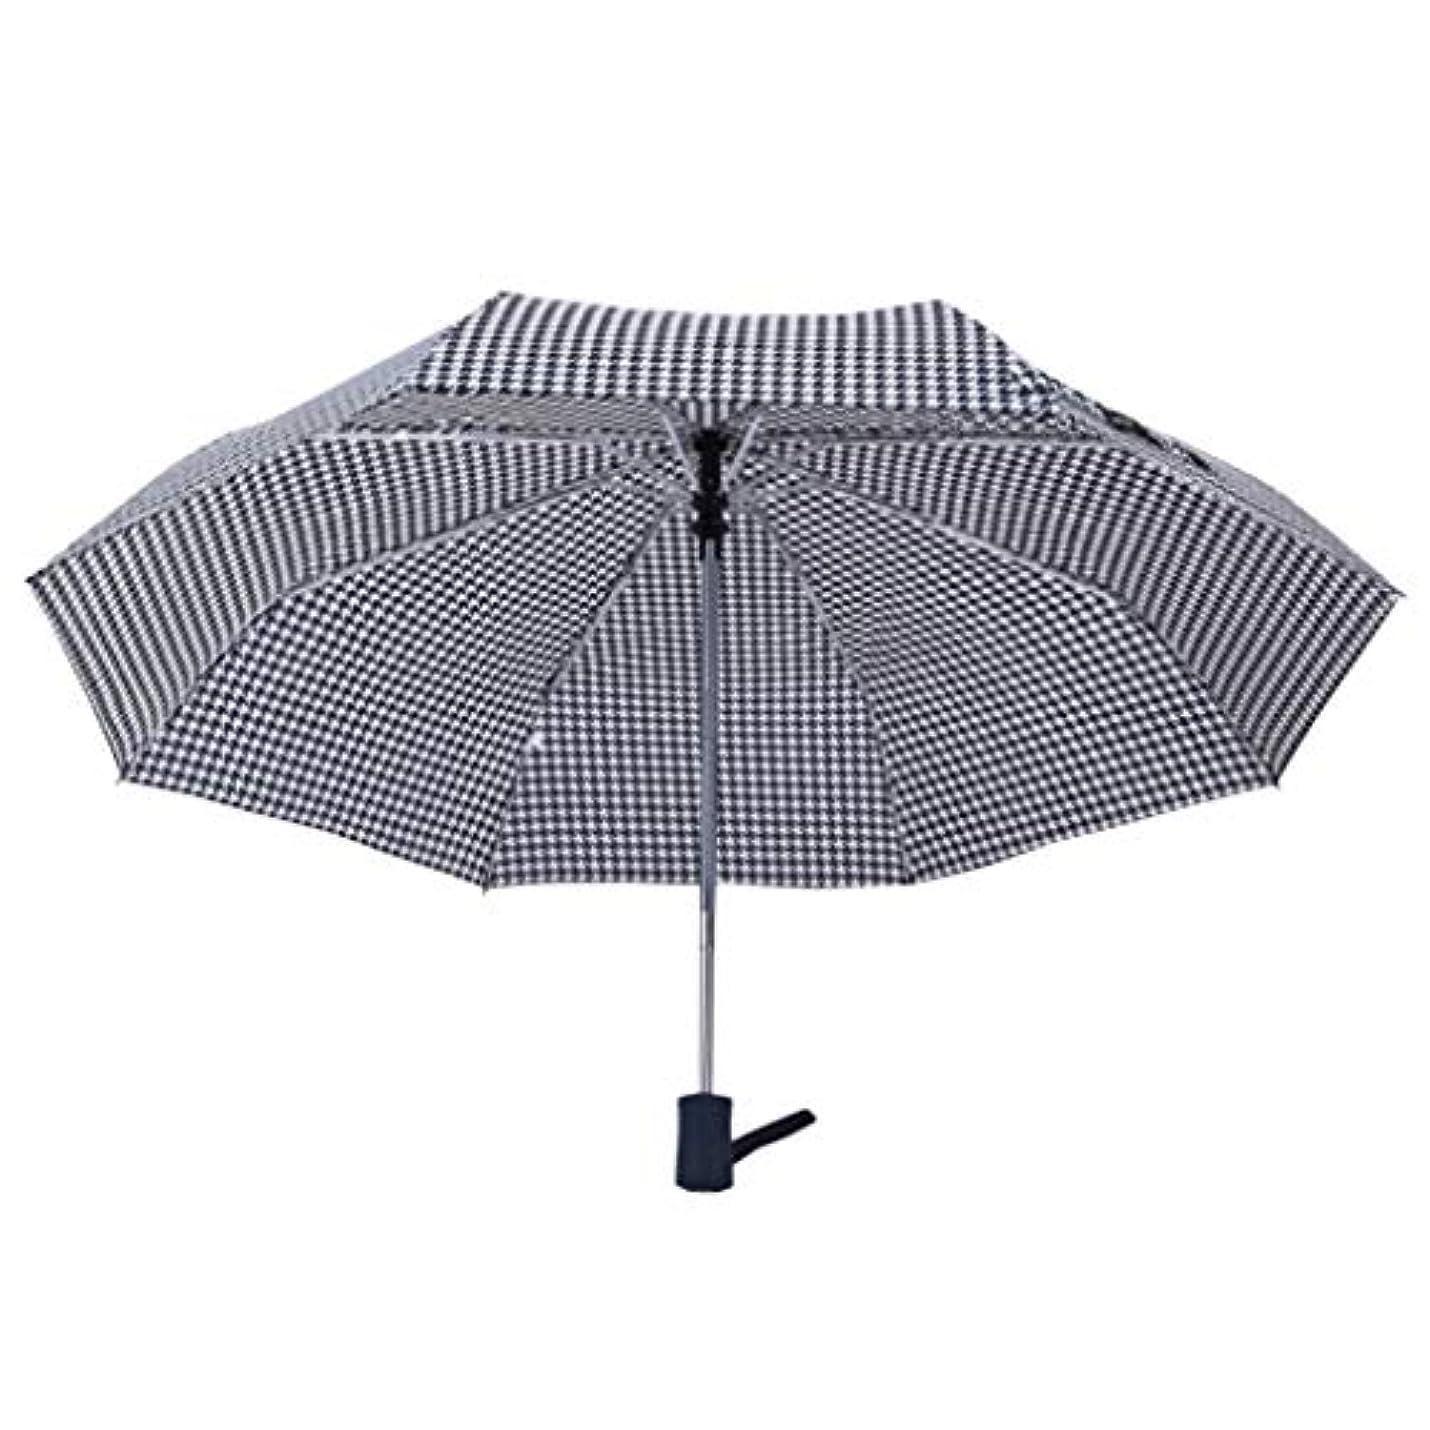 ベッドを作るマルクス主義懸念傘、ファッショナブルな格子、アルミ傘の骨、大人の屋外レジャー、日当たりの良い傘、便利な70パーセントの自動傘。